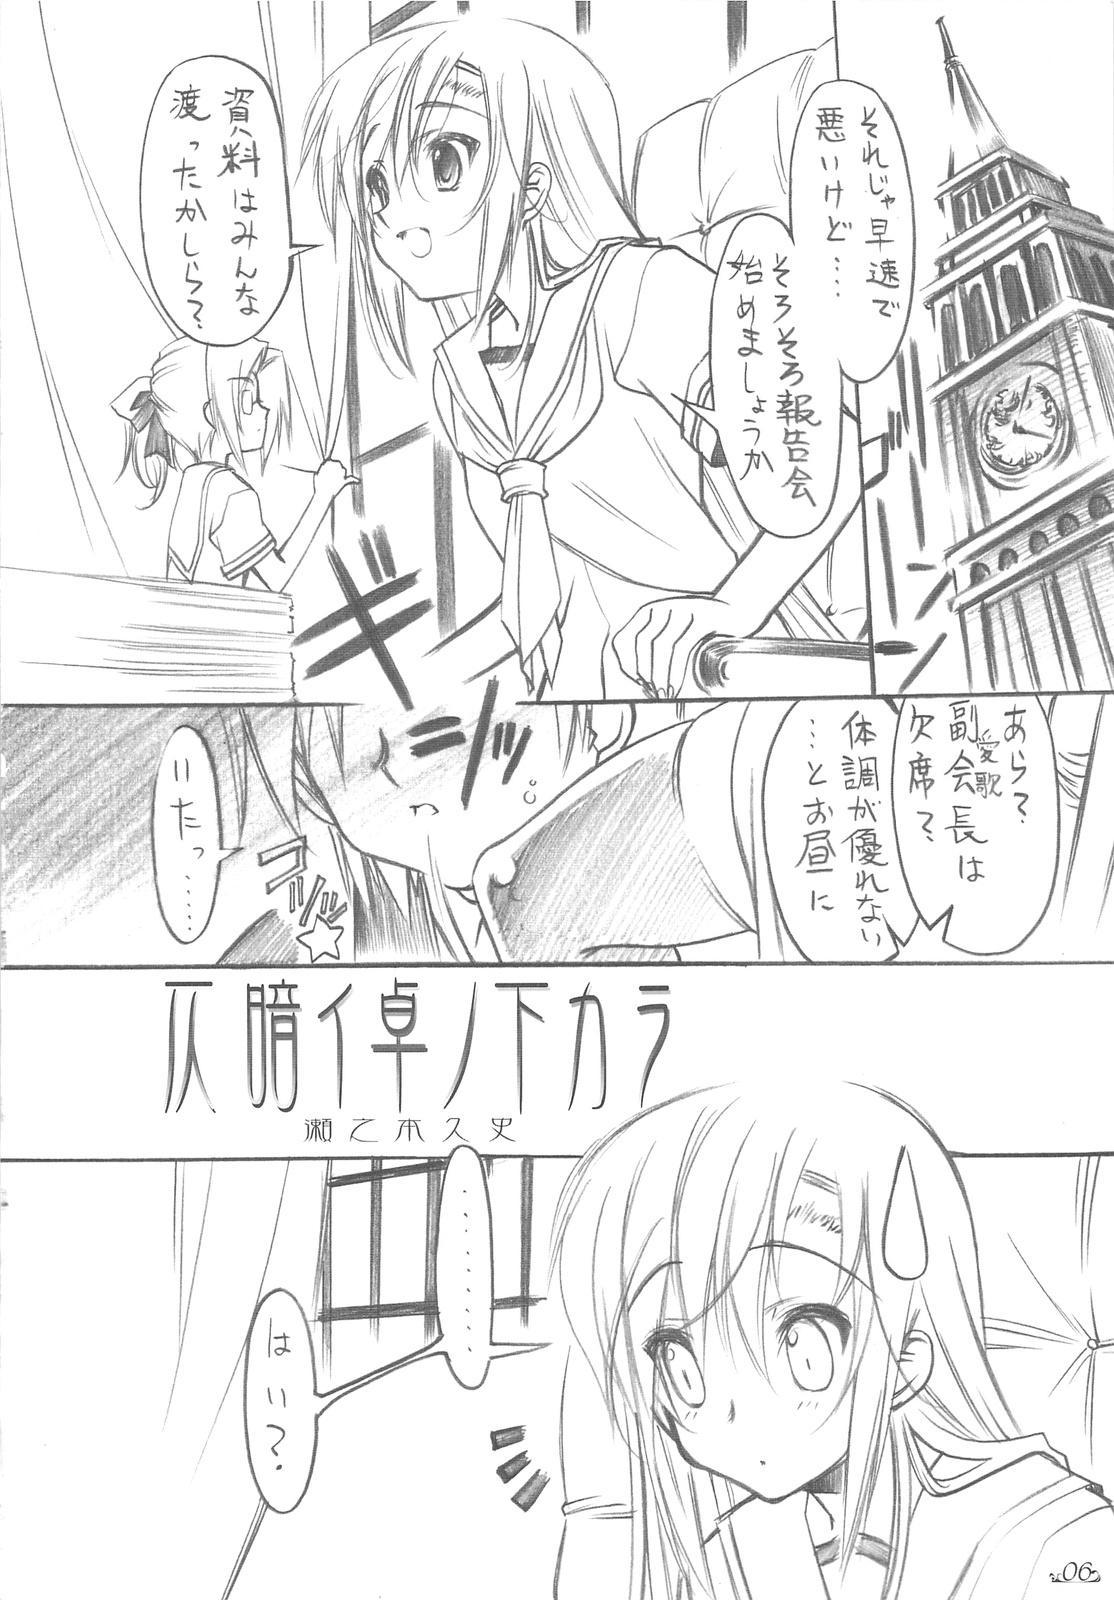 Honogurai Taku no Shita Kara 4